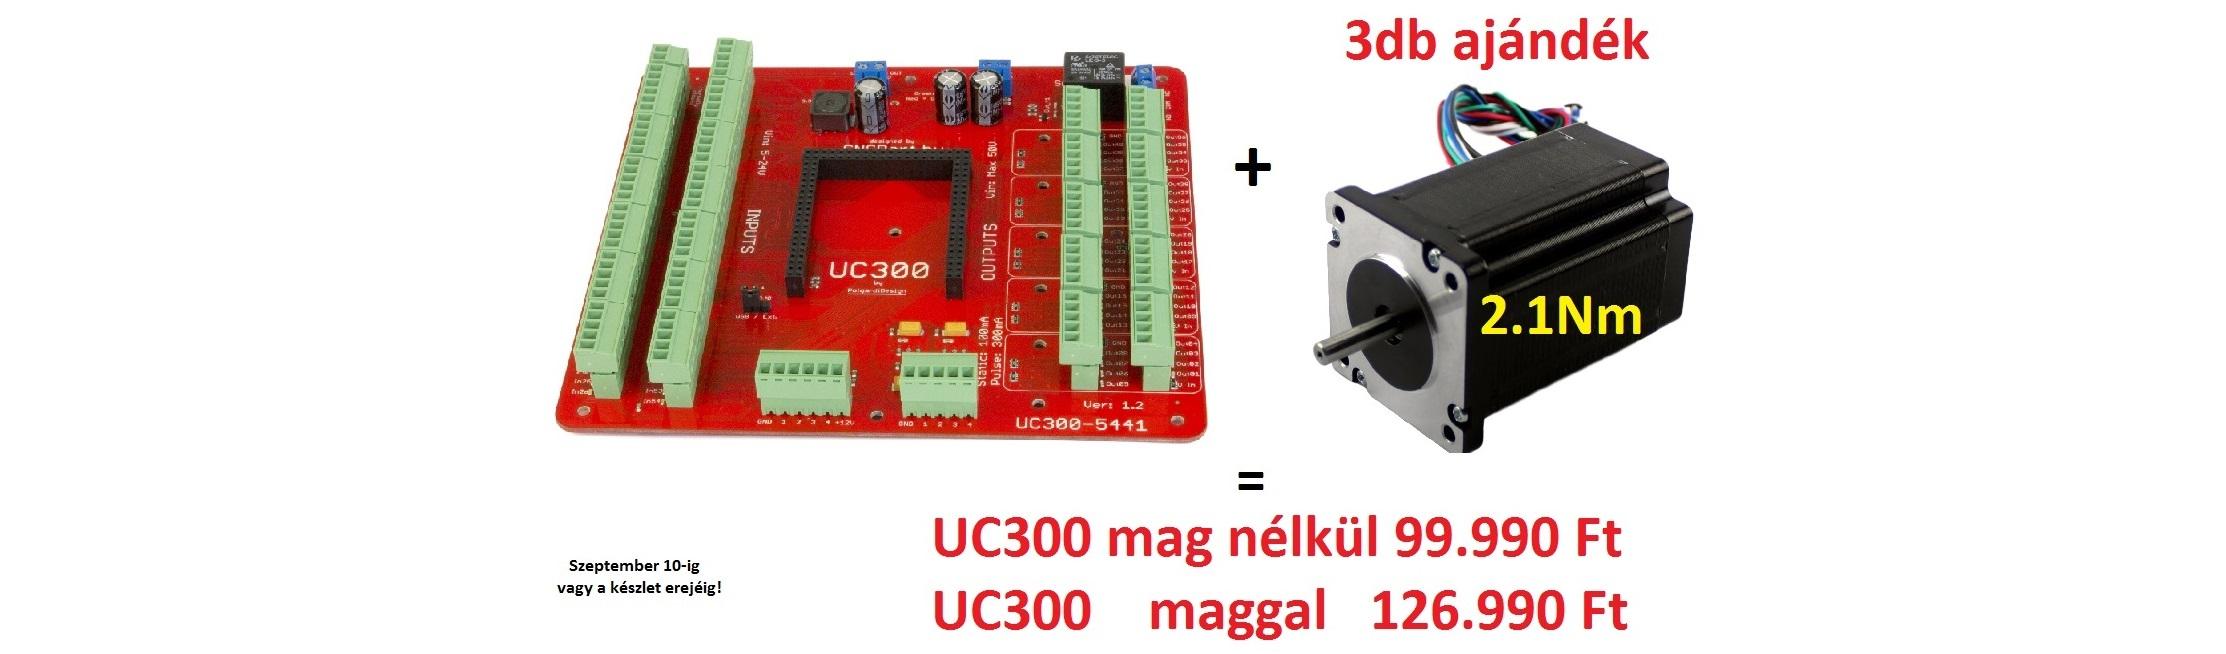 UC300-5441 aj